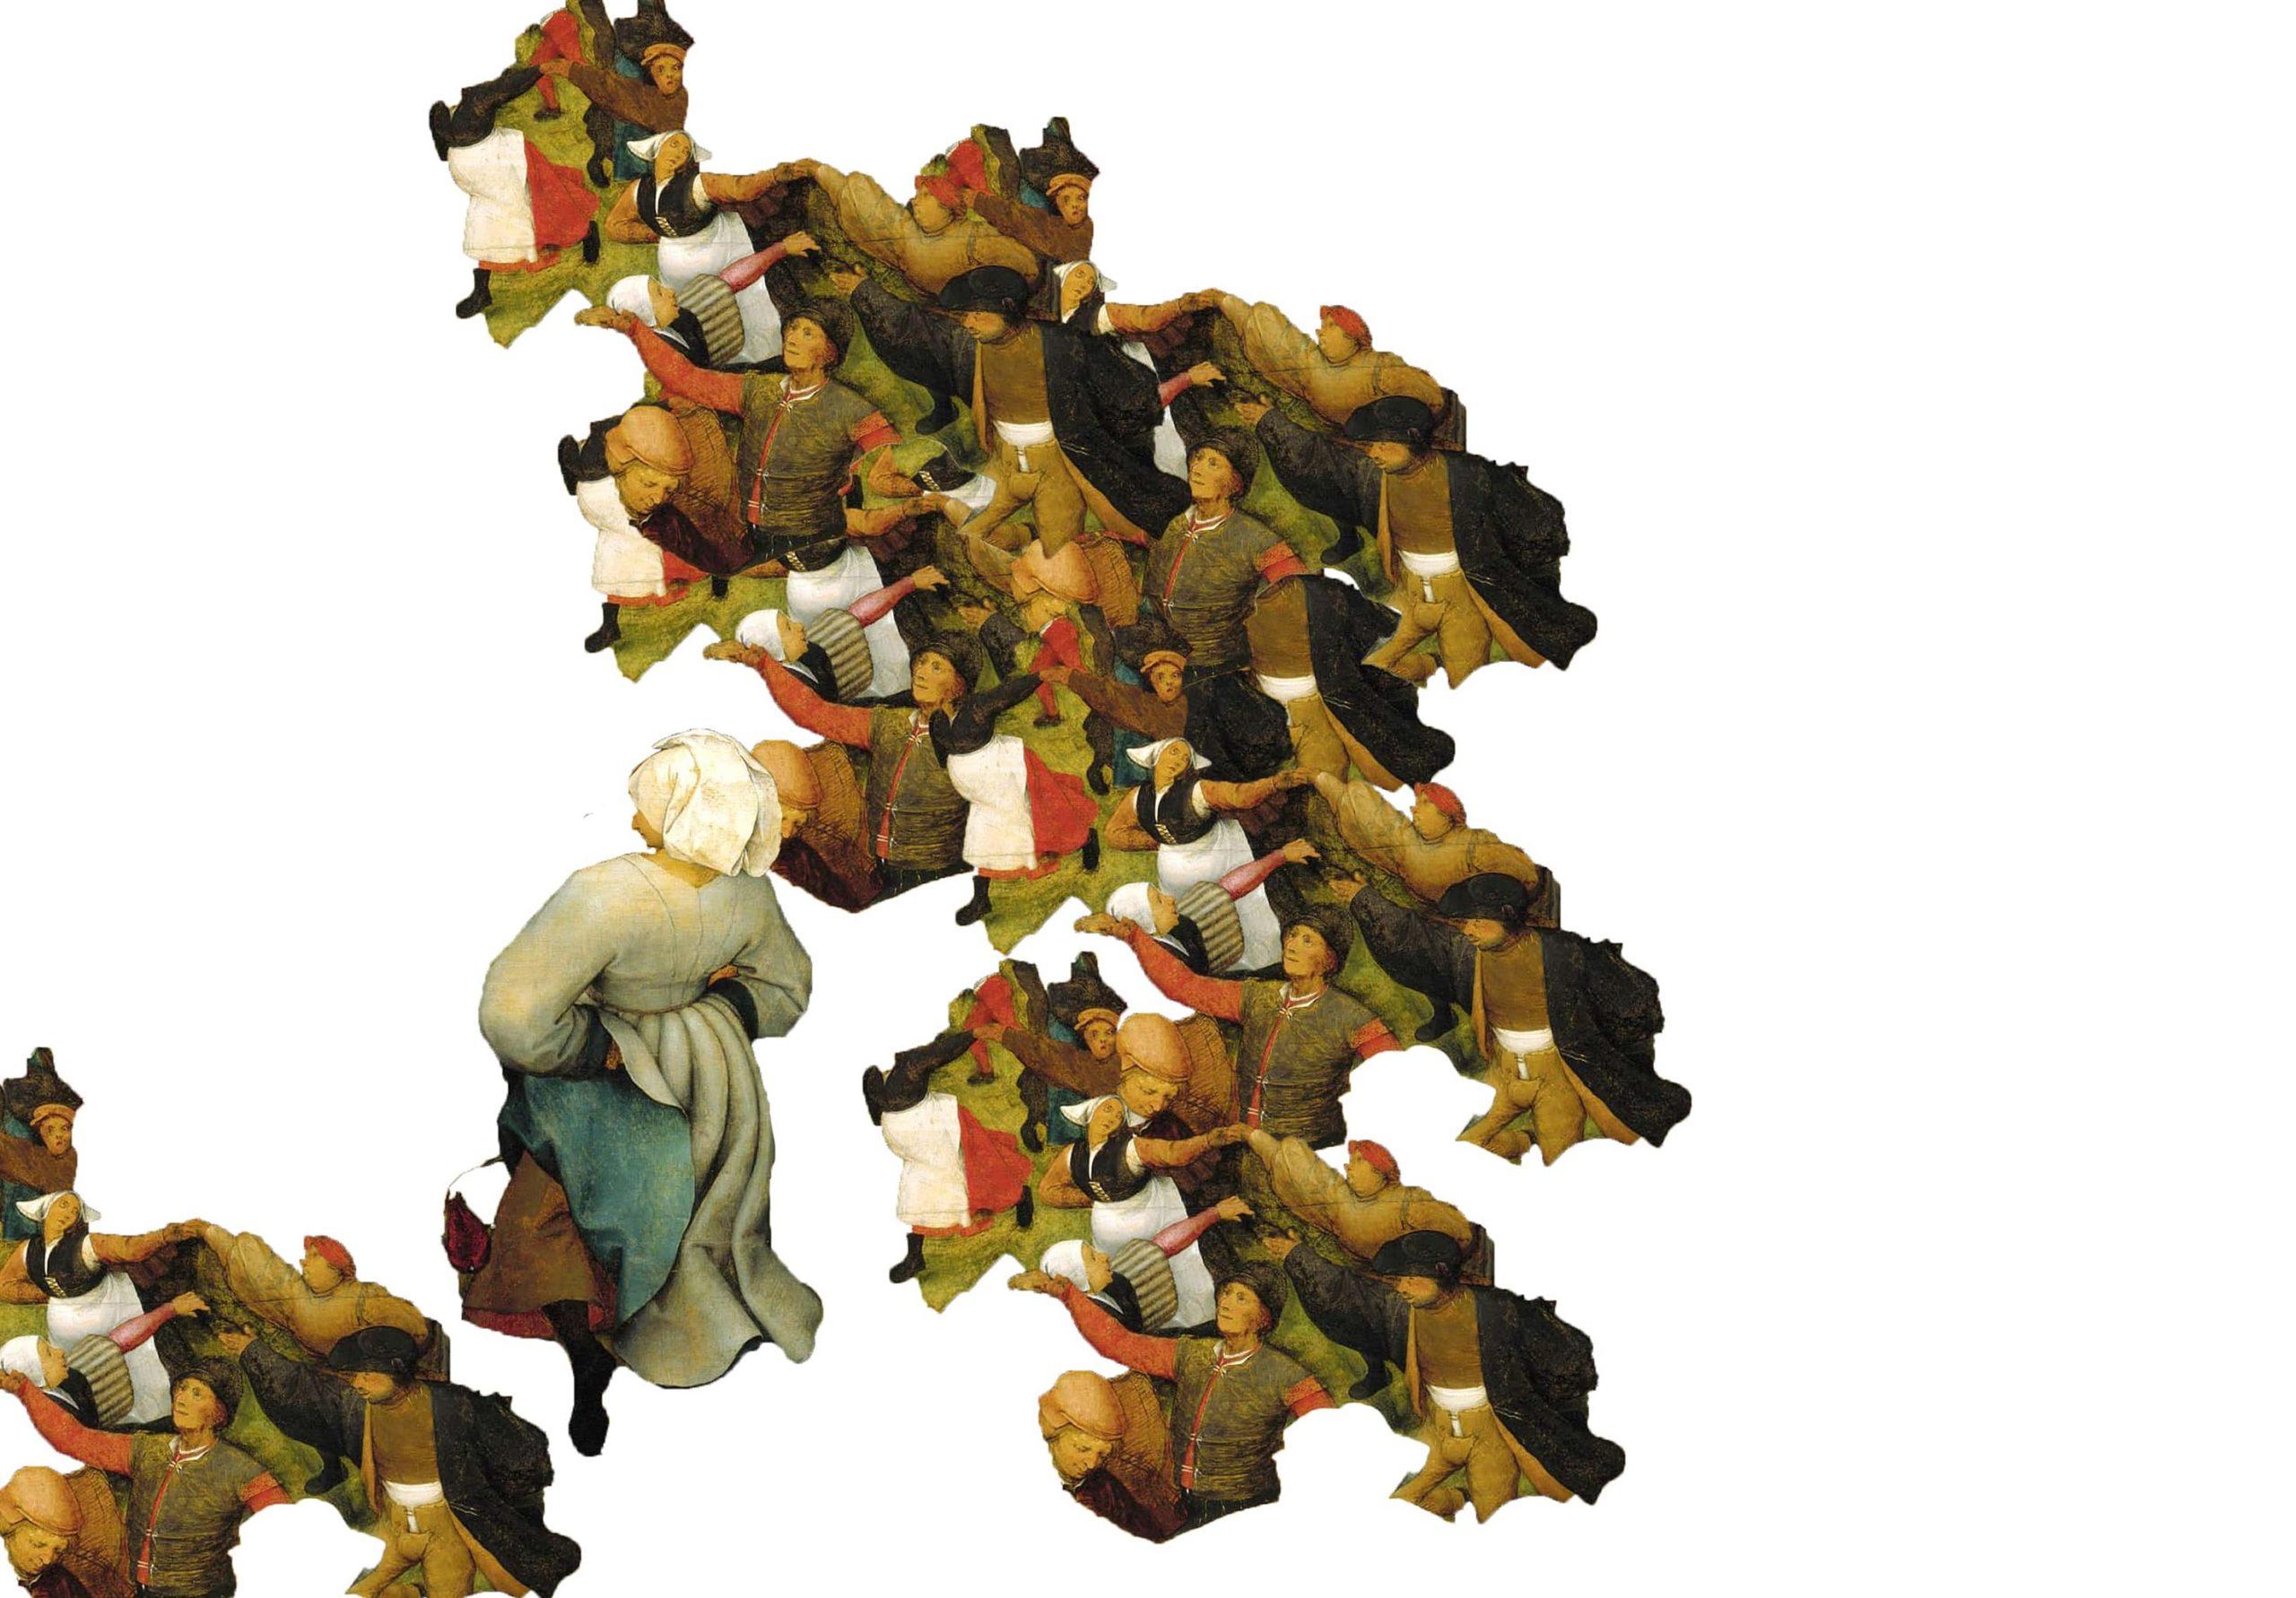 Narr The Wedding Dance De Pieter Brueghel 01